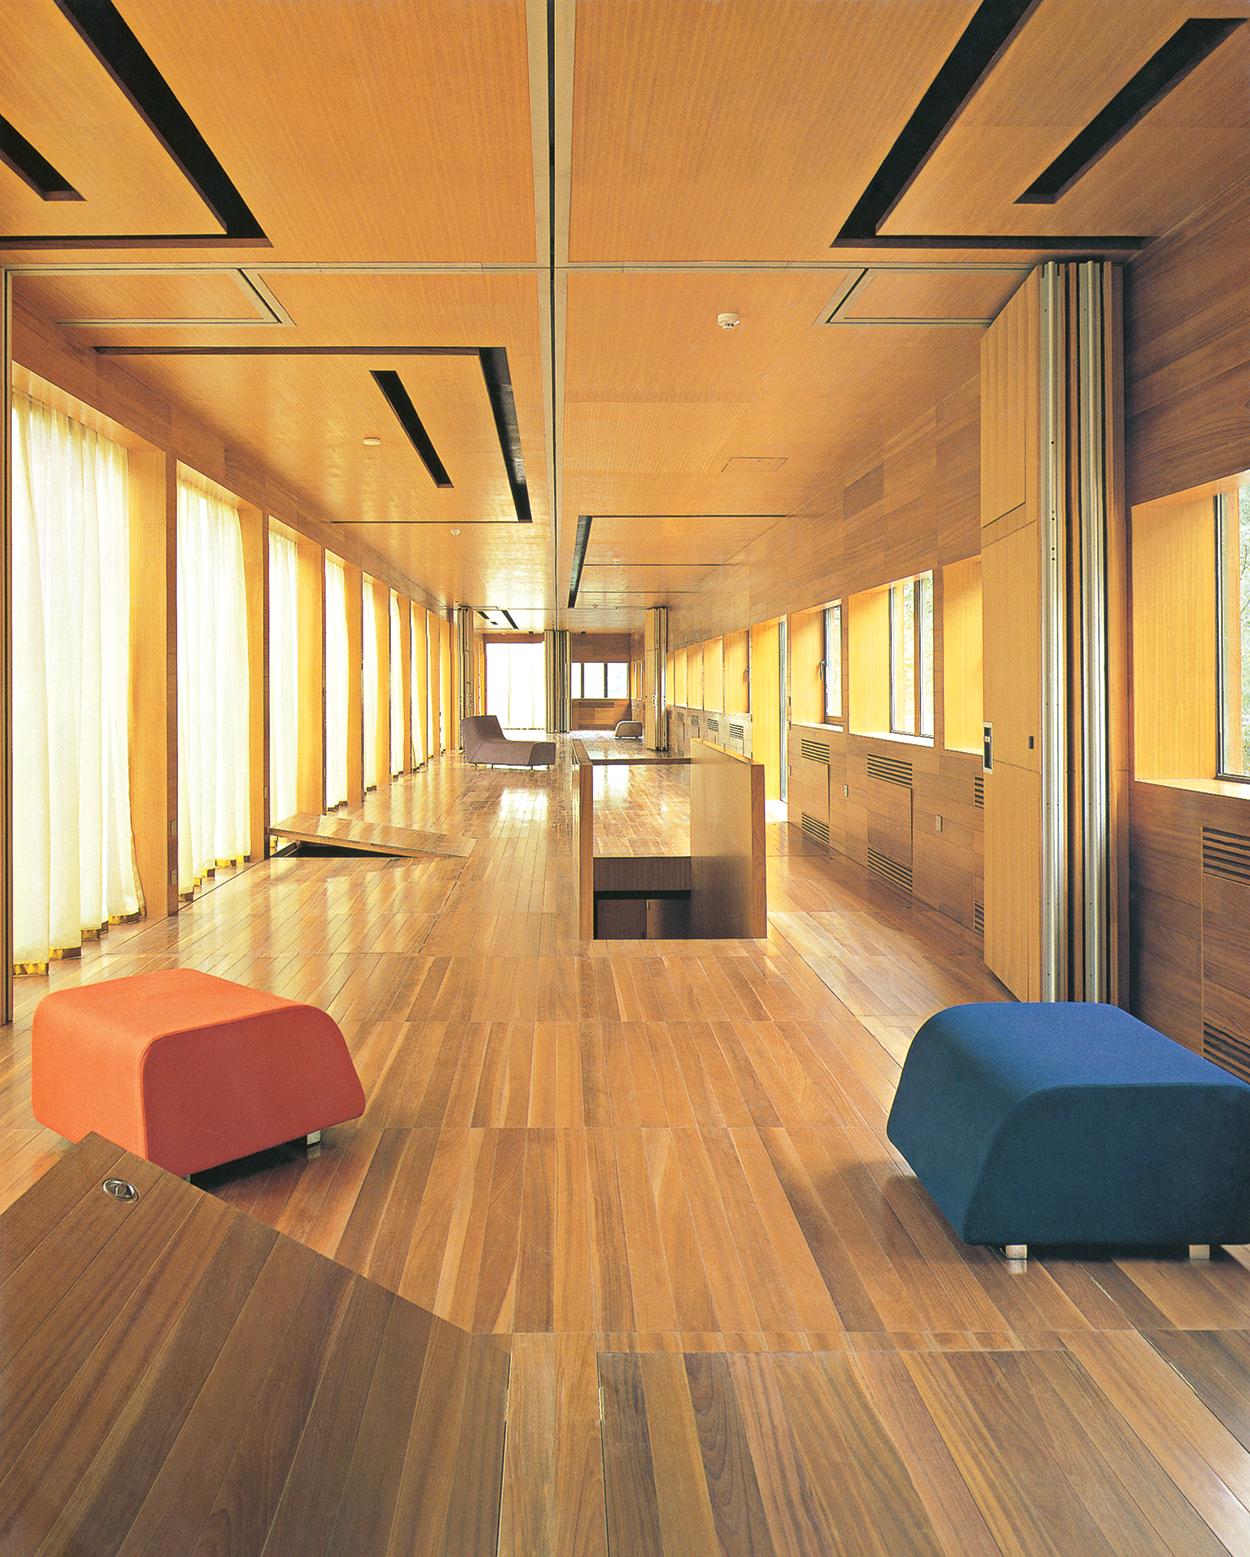 استودیو اِج دیزاین، خانهی سوییتکِیس؛ گرِیت ؤال، چین، 2002